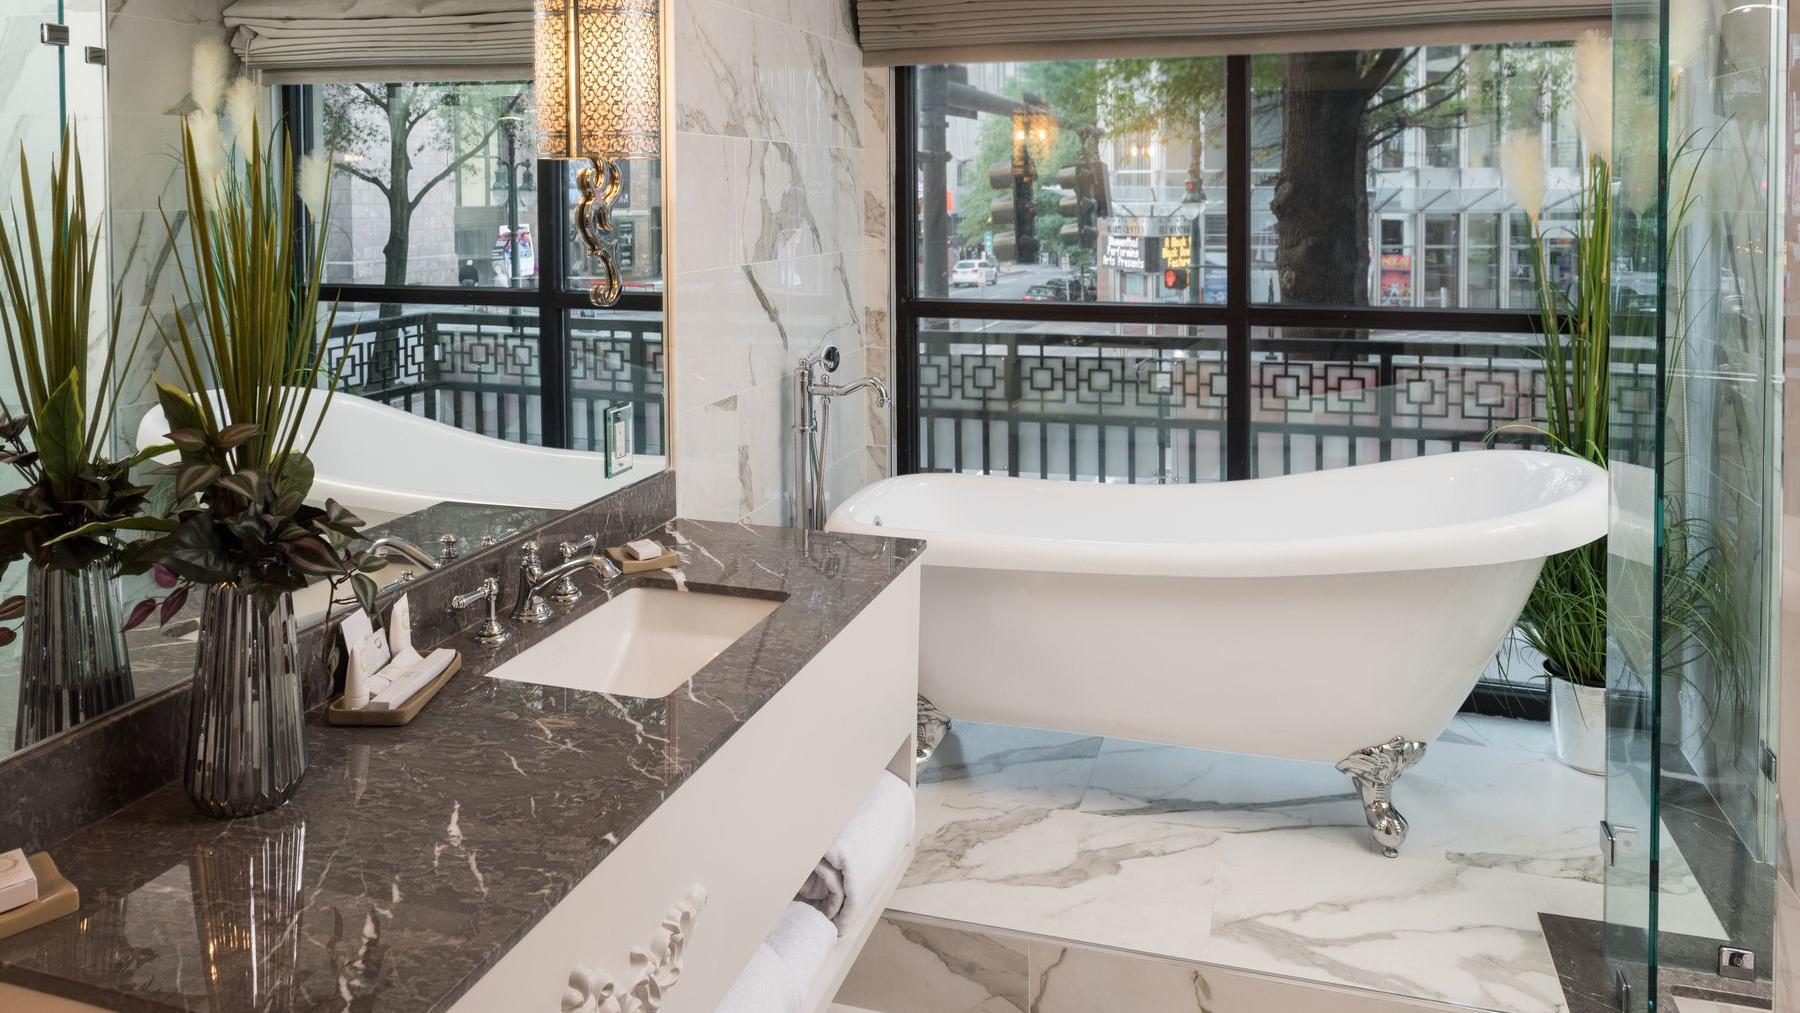 bathtub on marble floor and window